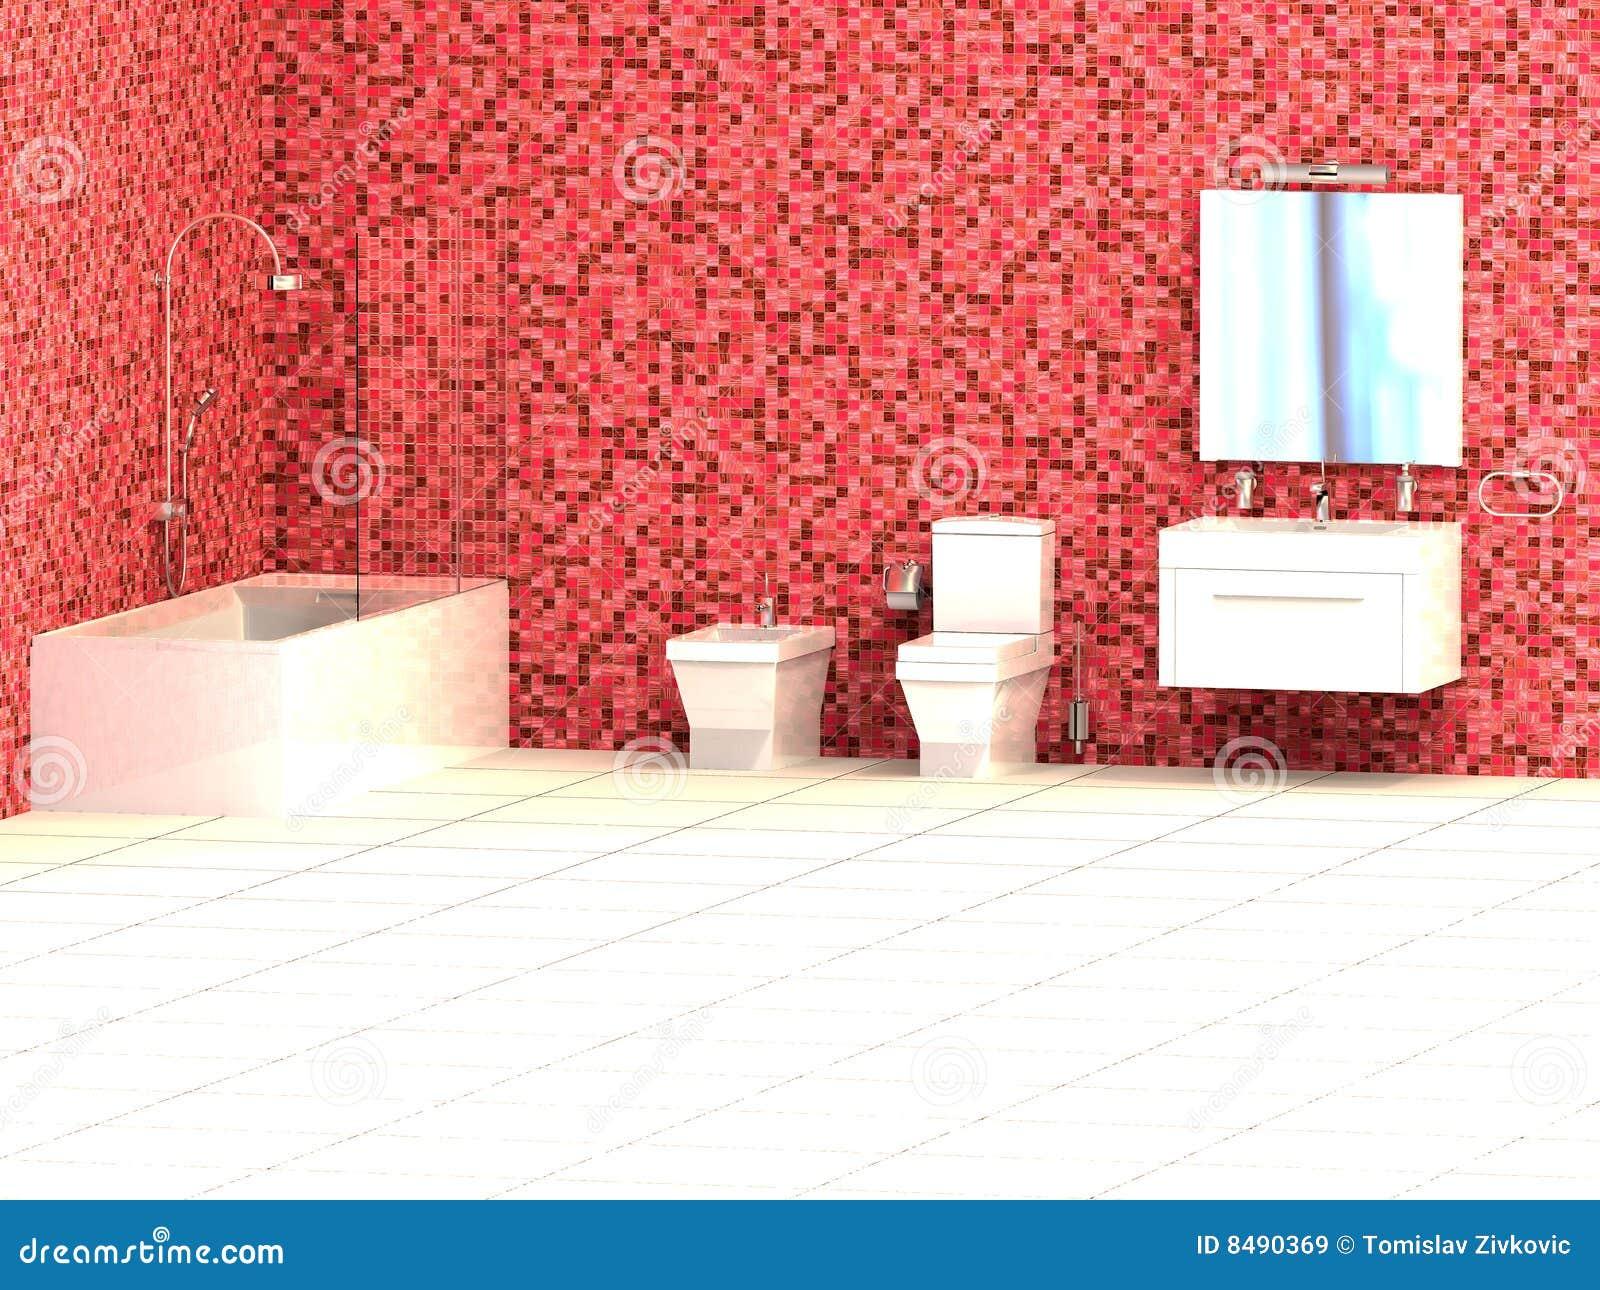 Imagens de Stock Royalty Free: Banheiro vermelho #BB1022 1300 1065